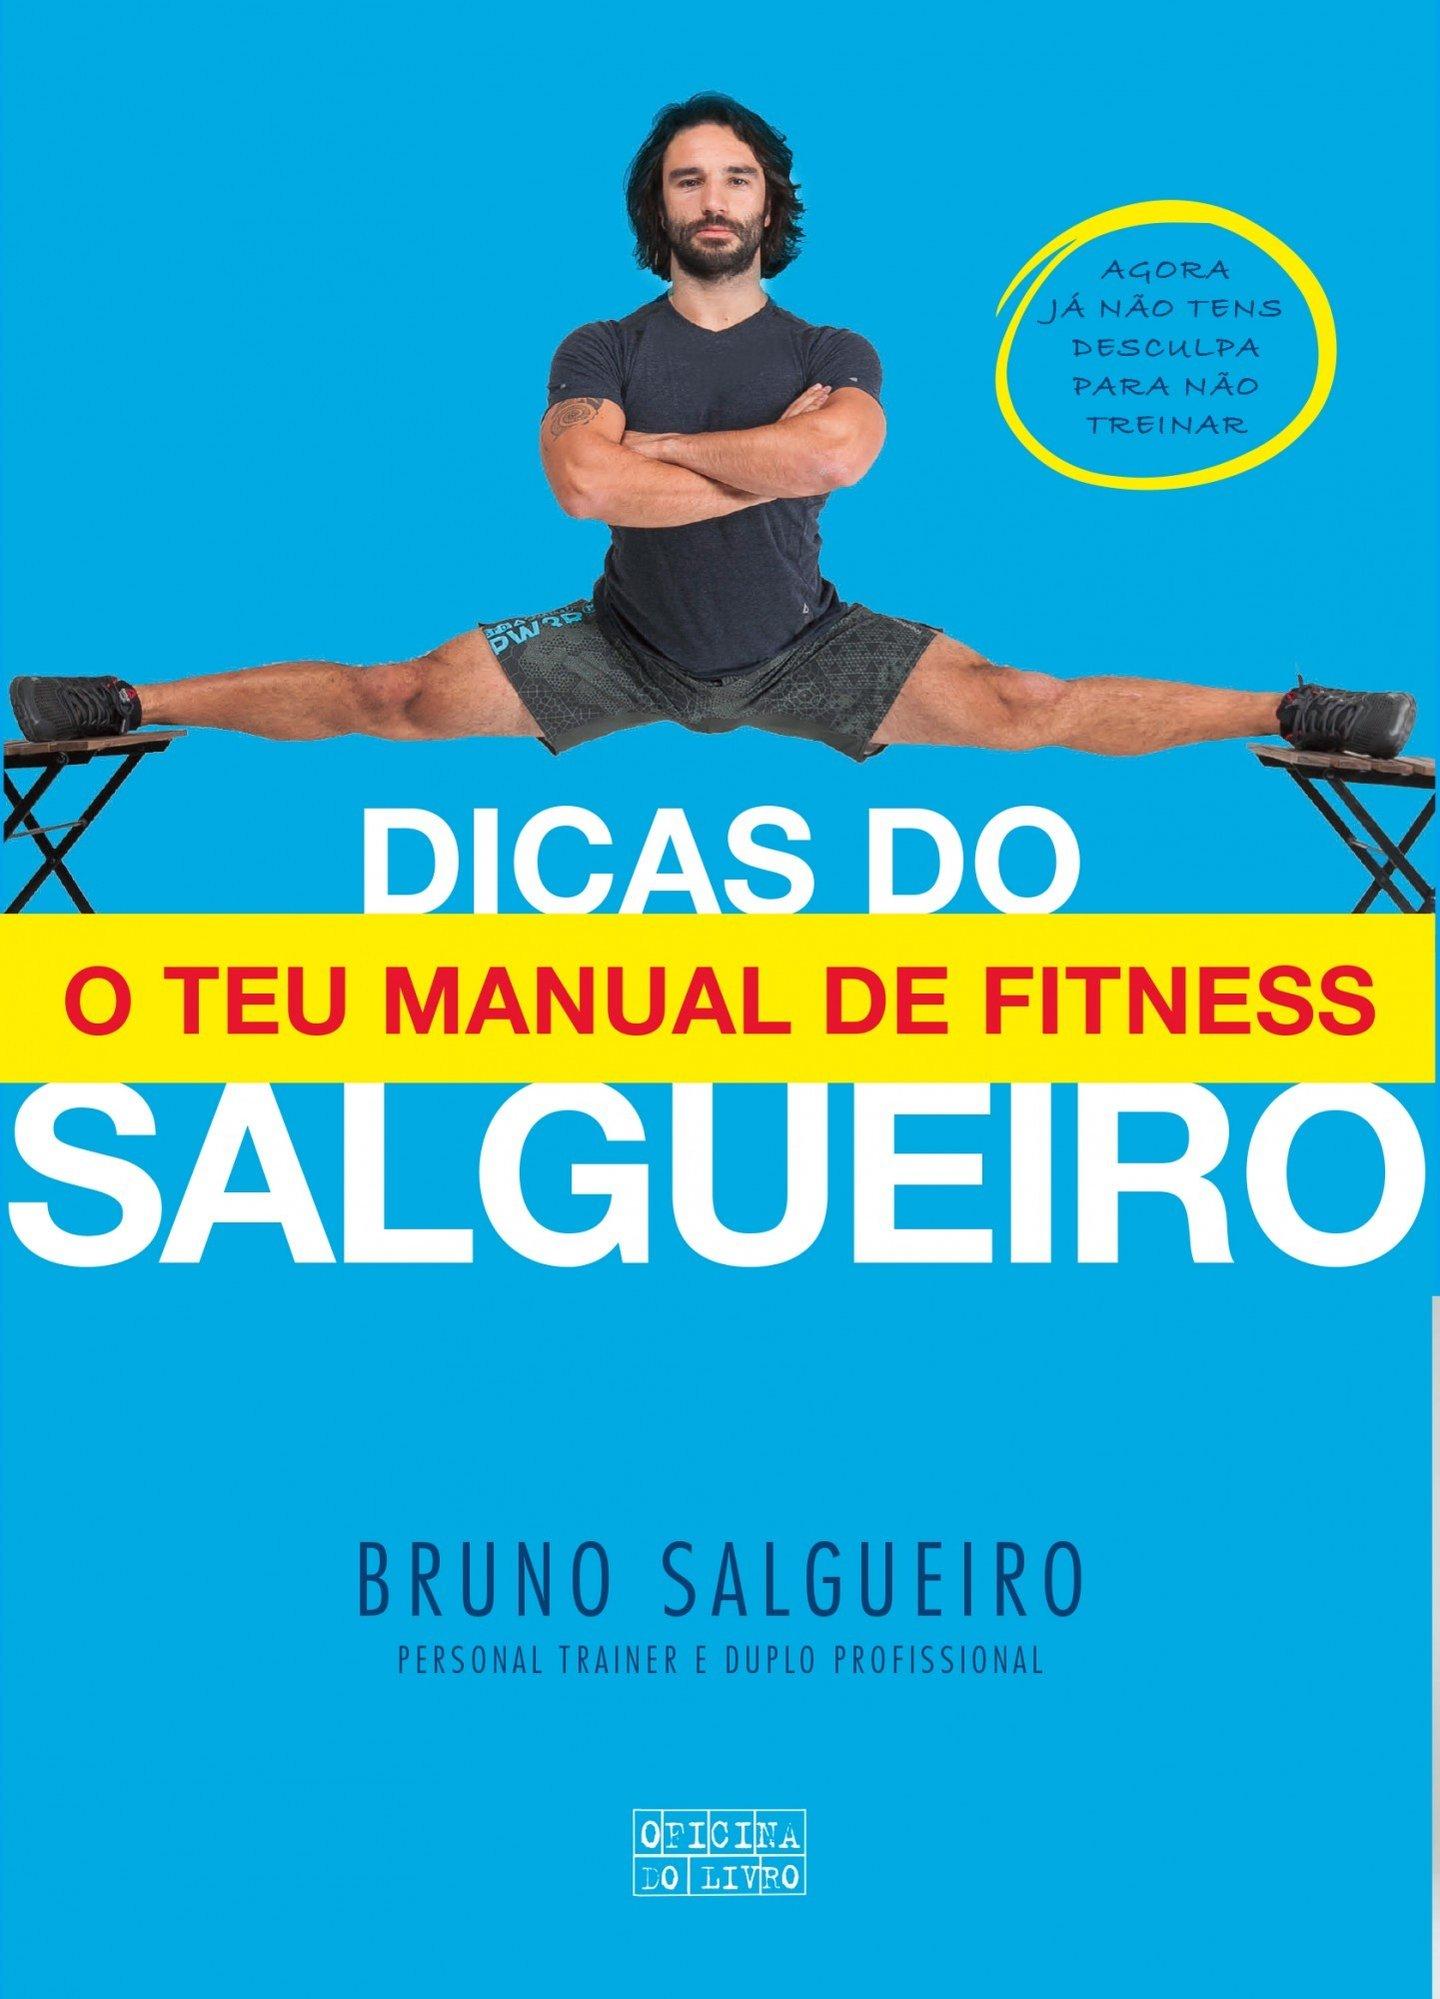 Capa_Dicas_Salgueiro